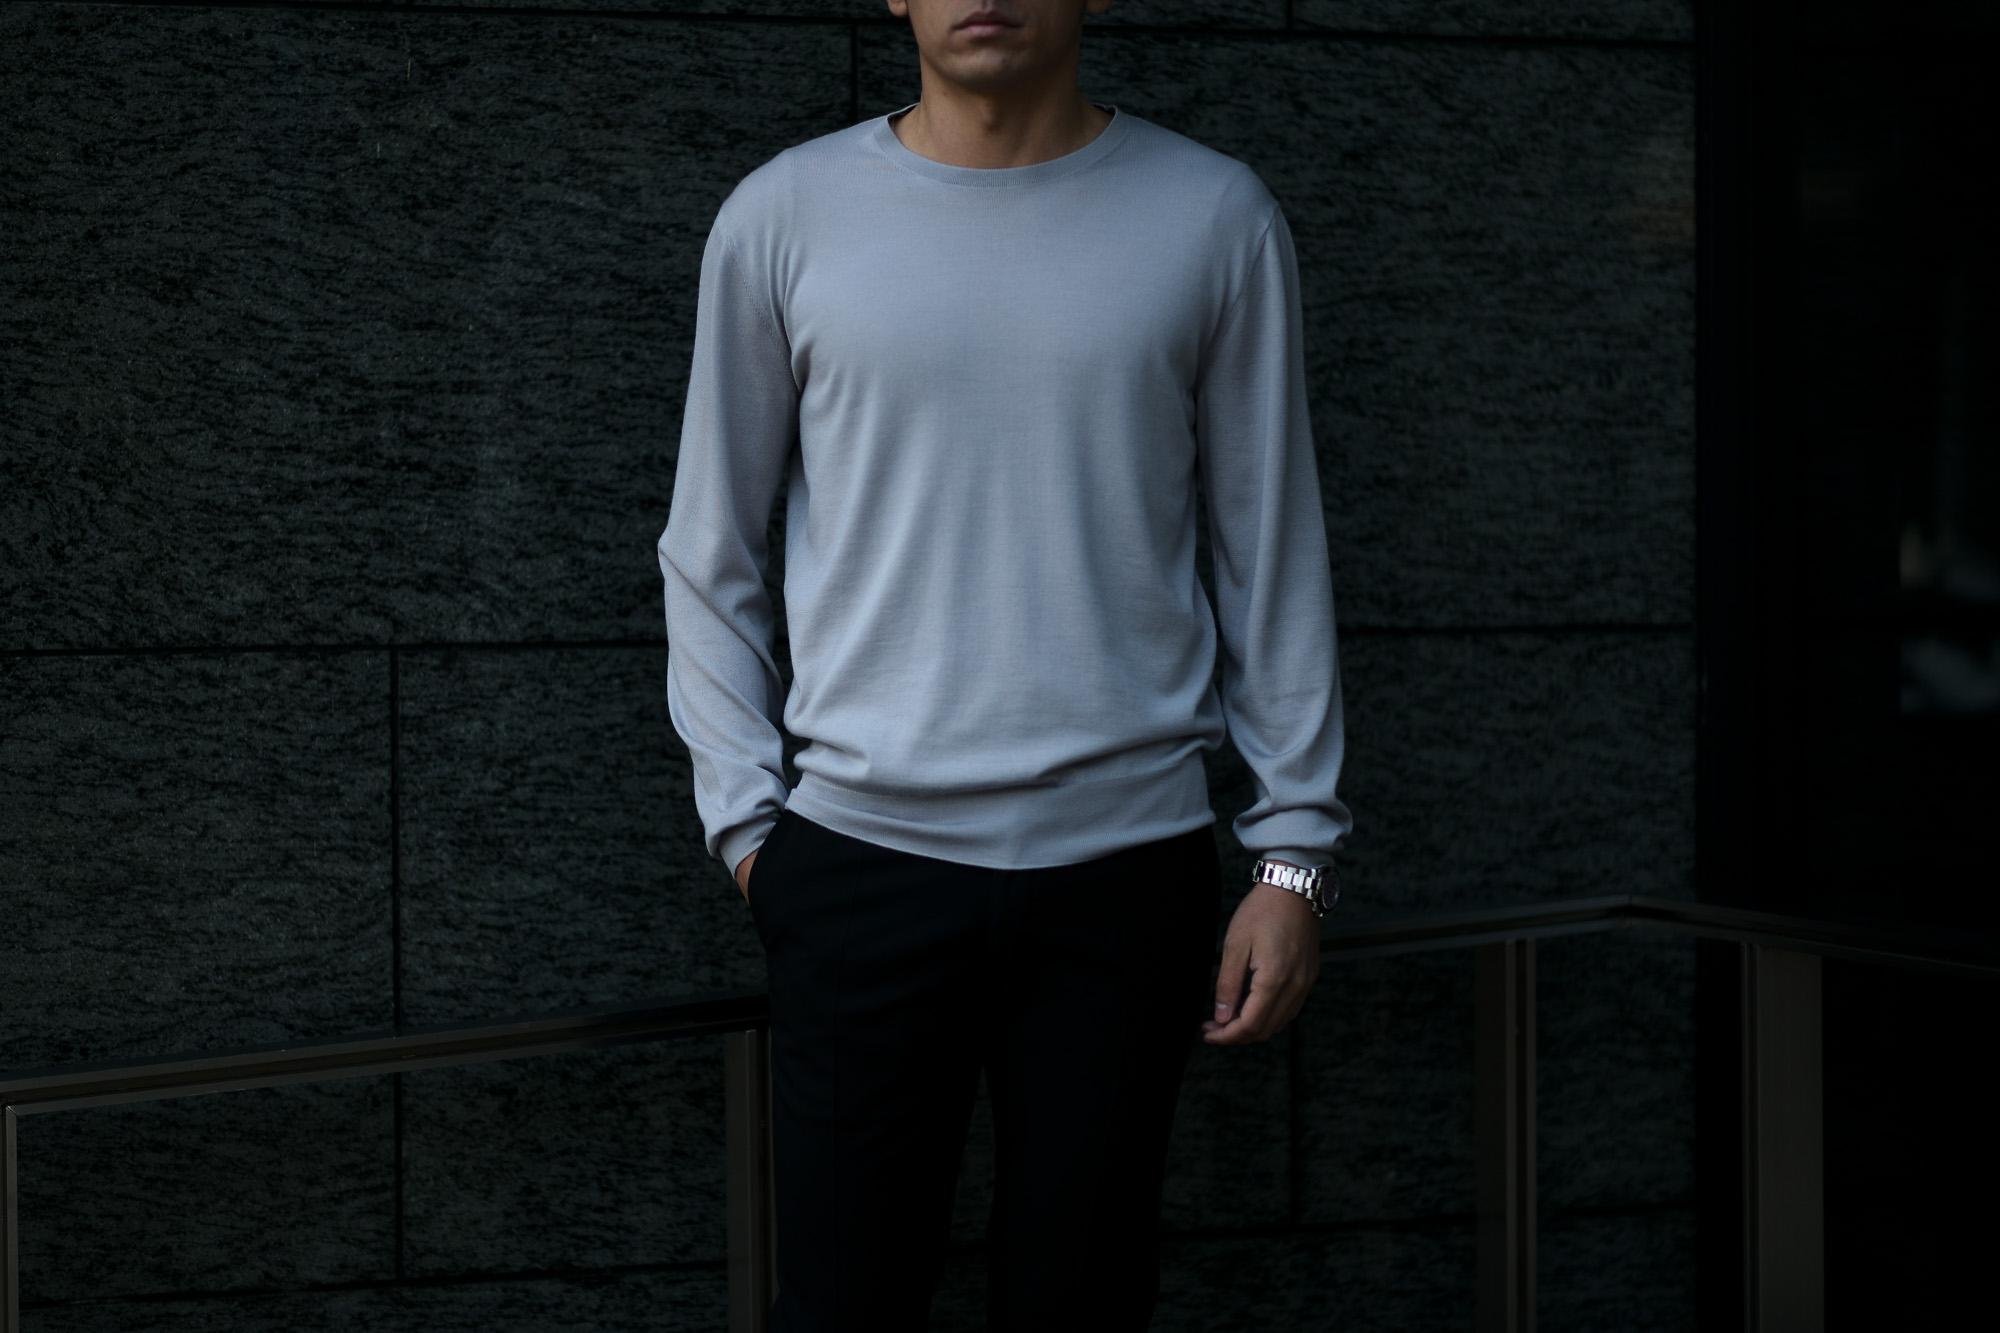 """MANRICO CASHMERE """"Silk Cashmere Wool"""" Crew Neck Sweater M050 0000 BLACK(ブラック),SNOW WHITE(スノーホワイト),DRESS BLUES(ドレスブルー),ROYAL BLUE(ロイヤルブルー),SABLE(グレージュ),GREY STONE(ダークグレー),AZTEC(ブラウン),CAMEL(キャメル),KOMBU GREEN(グリーン),YELLOW(イエロー),GRENADINE(オレンジ),HIGH RISK RED(ハイリスクレッド) MADE IN ITALY(イタリア製) 2020AW マンリコカシミア カシミヤ シルク カシミヤ ウール ニット イタリア製 altoediritto アルトエデリット 愛知 名古屋"""